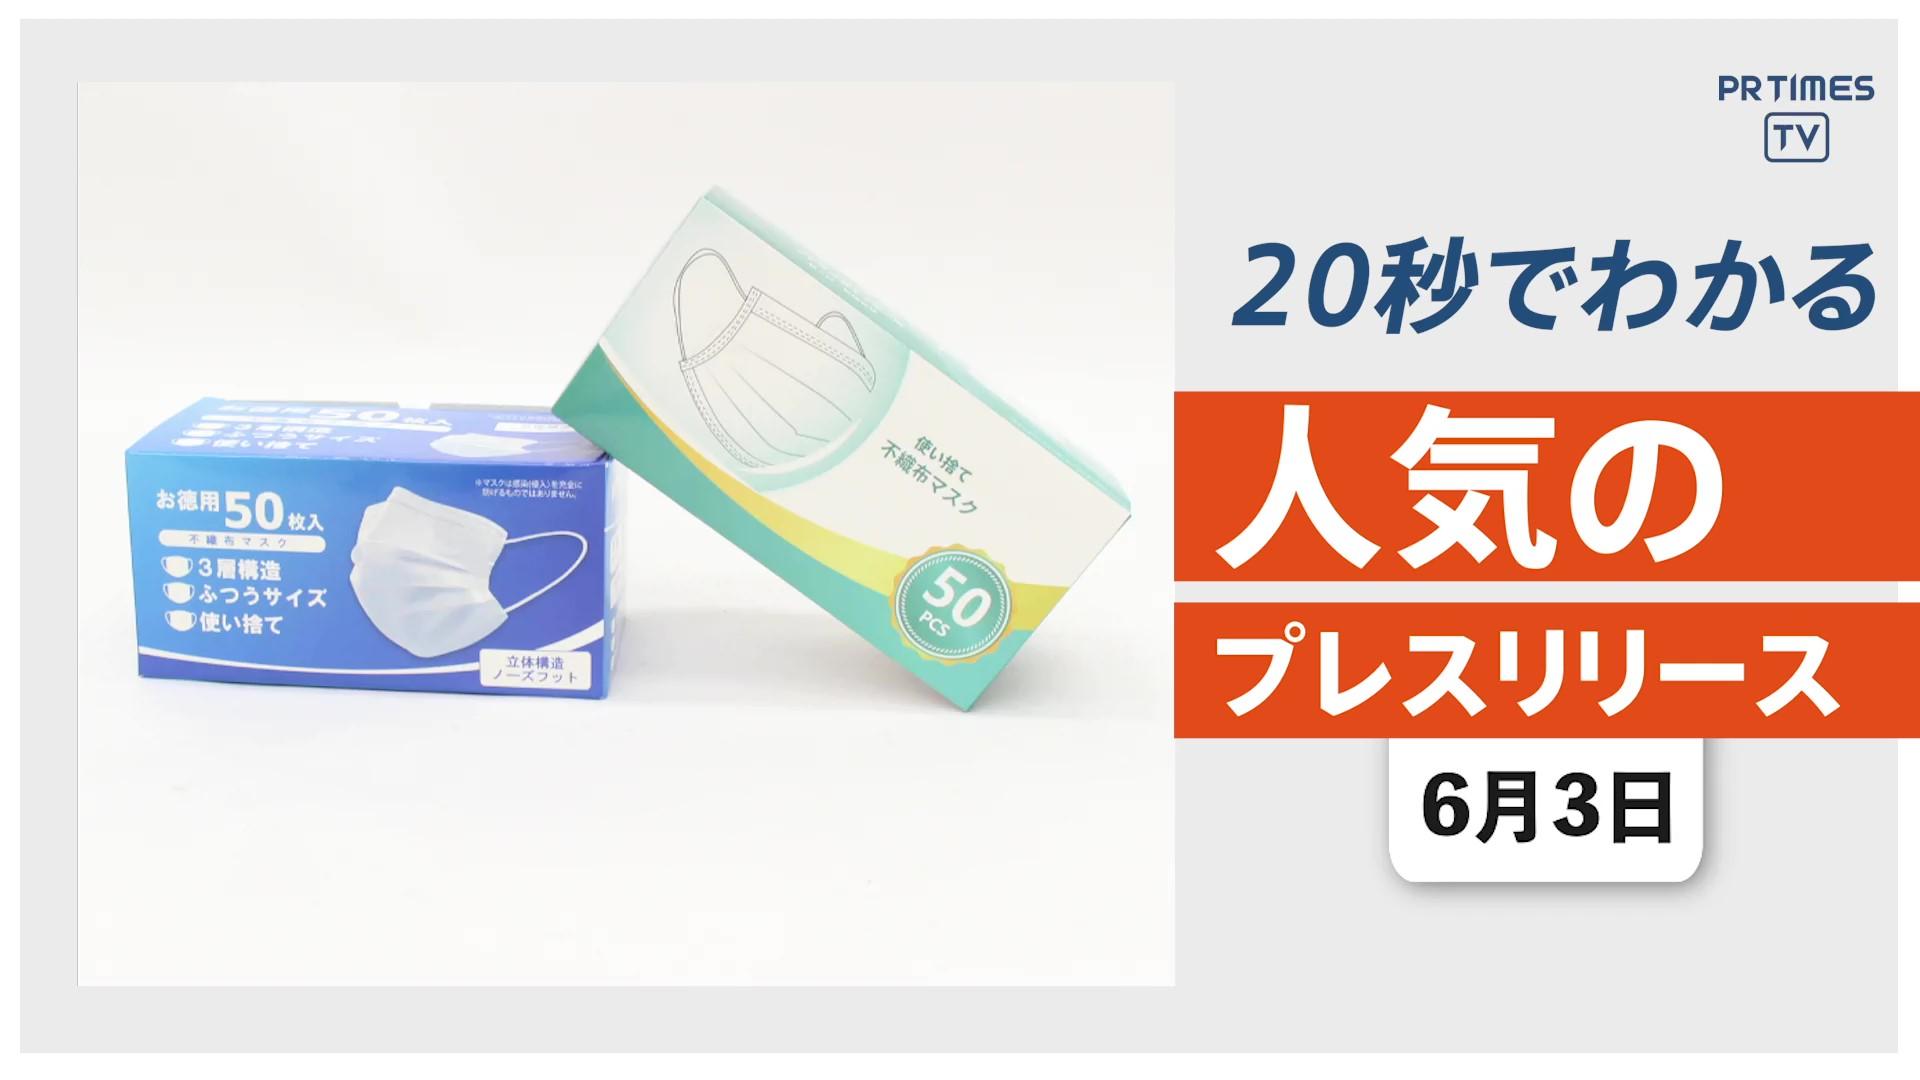 【卸売り用の不織布マスクを、価格の安定まで一般にも販売】他、新着トレンド6月3日